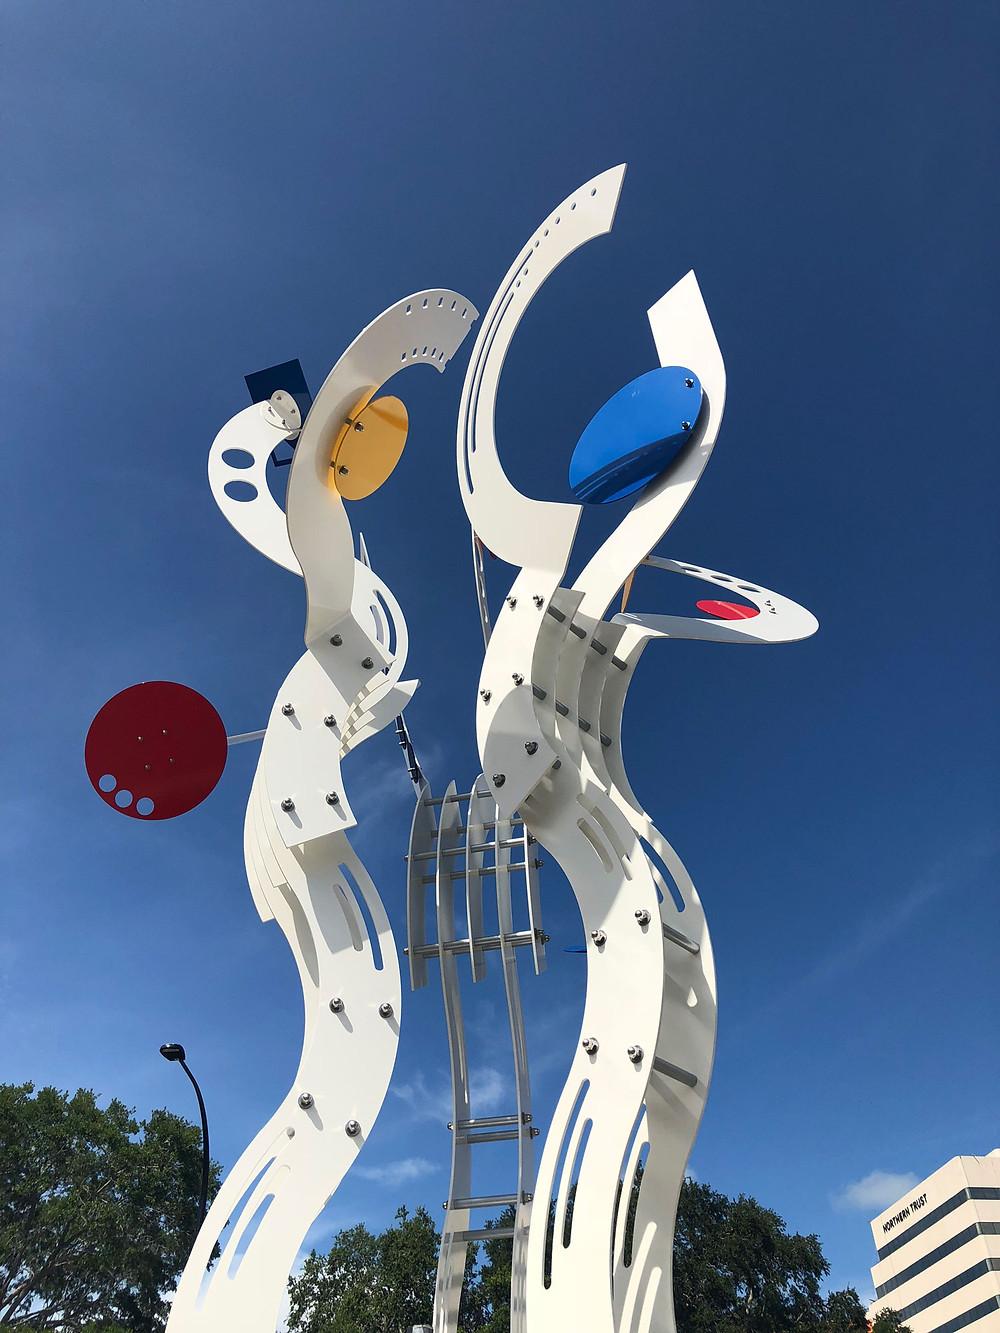 Jorge blanco sculpture Bravo! Sarasota, Florida